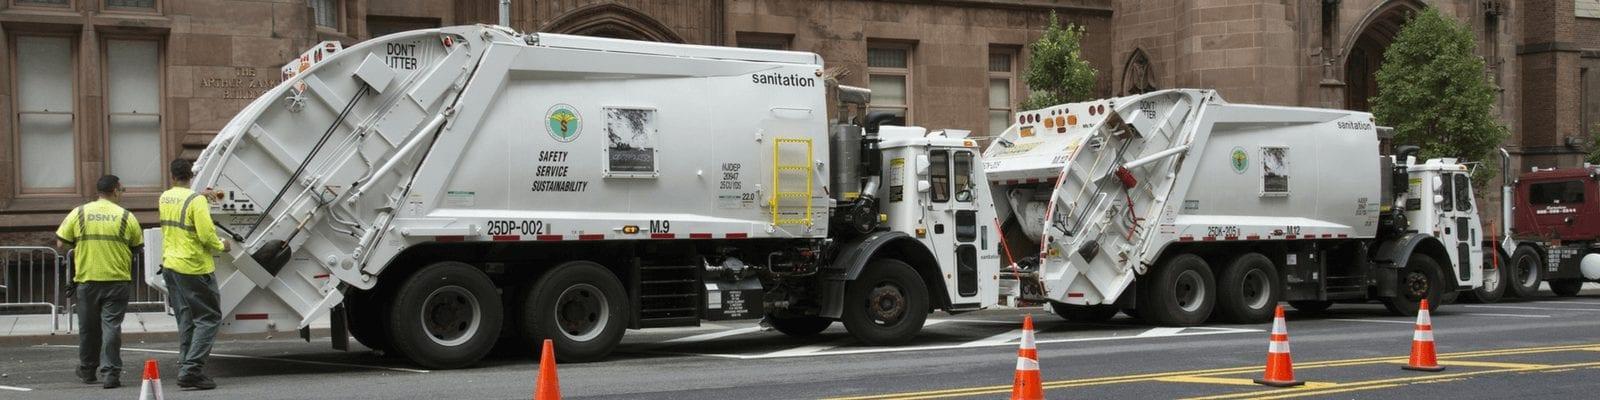 waste management gps tracking